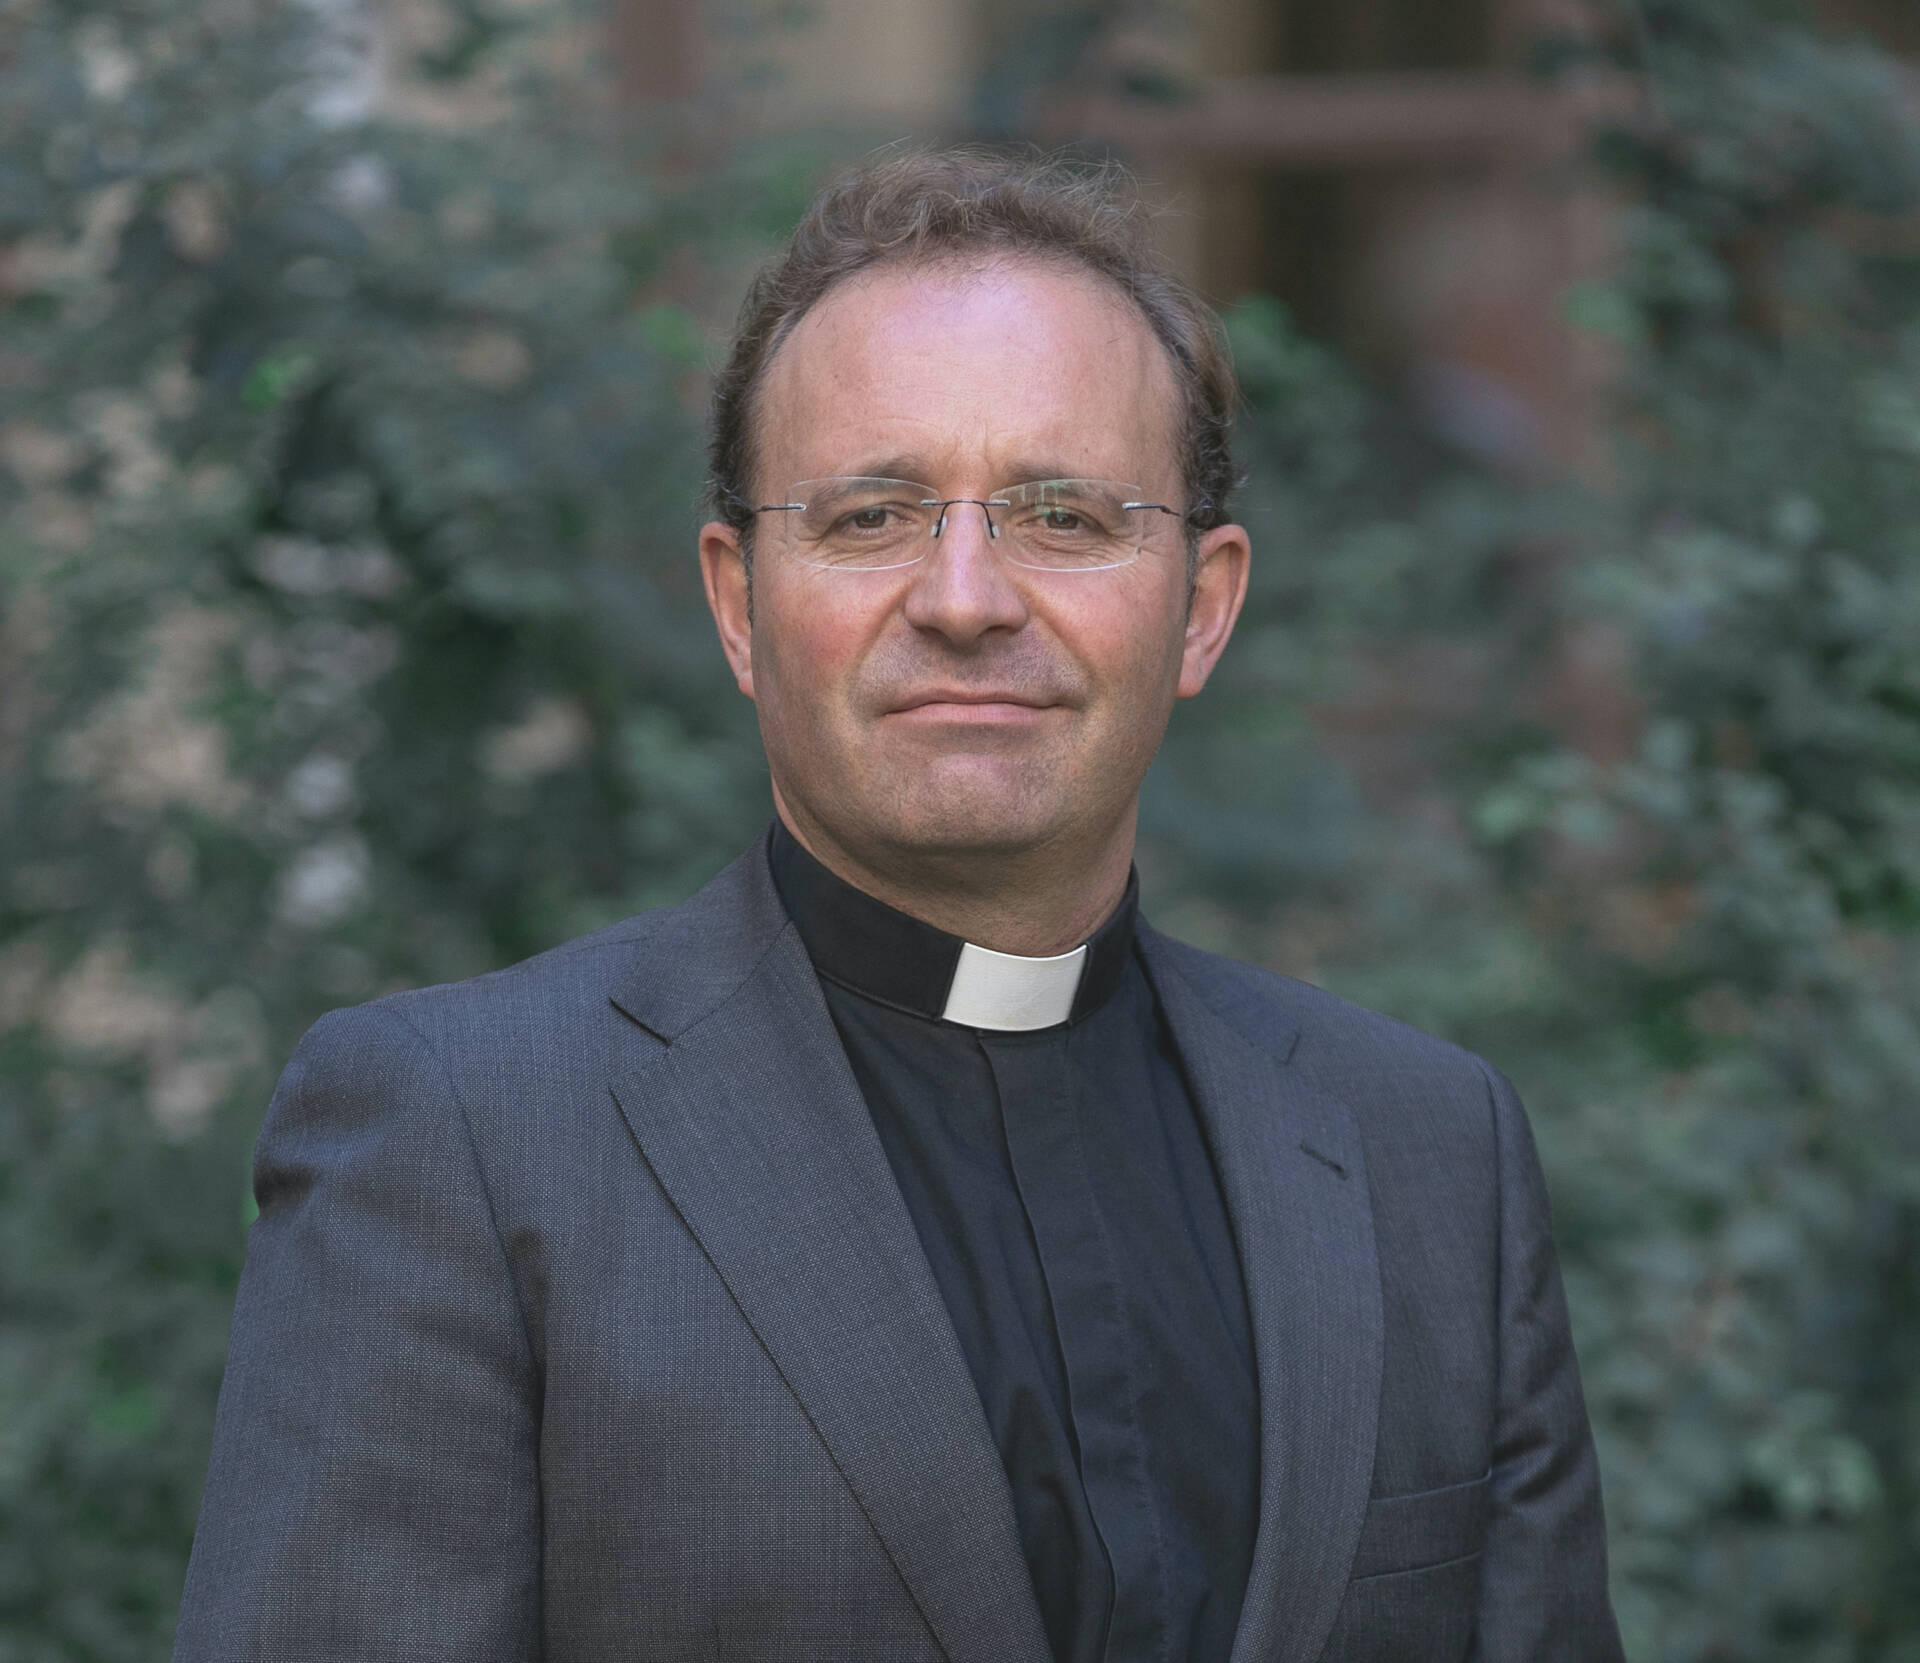 D. Carlos Izquierdo Yusta